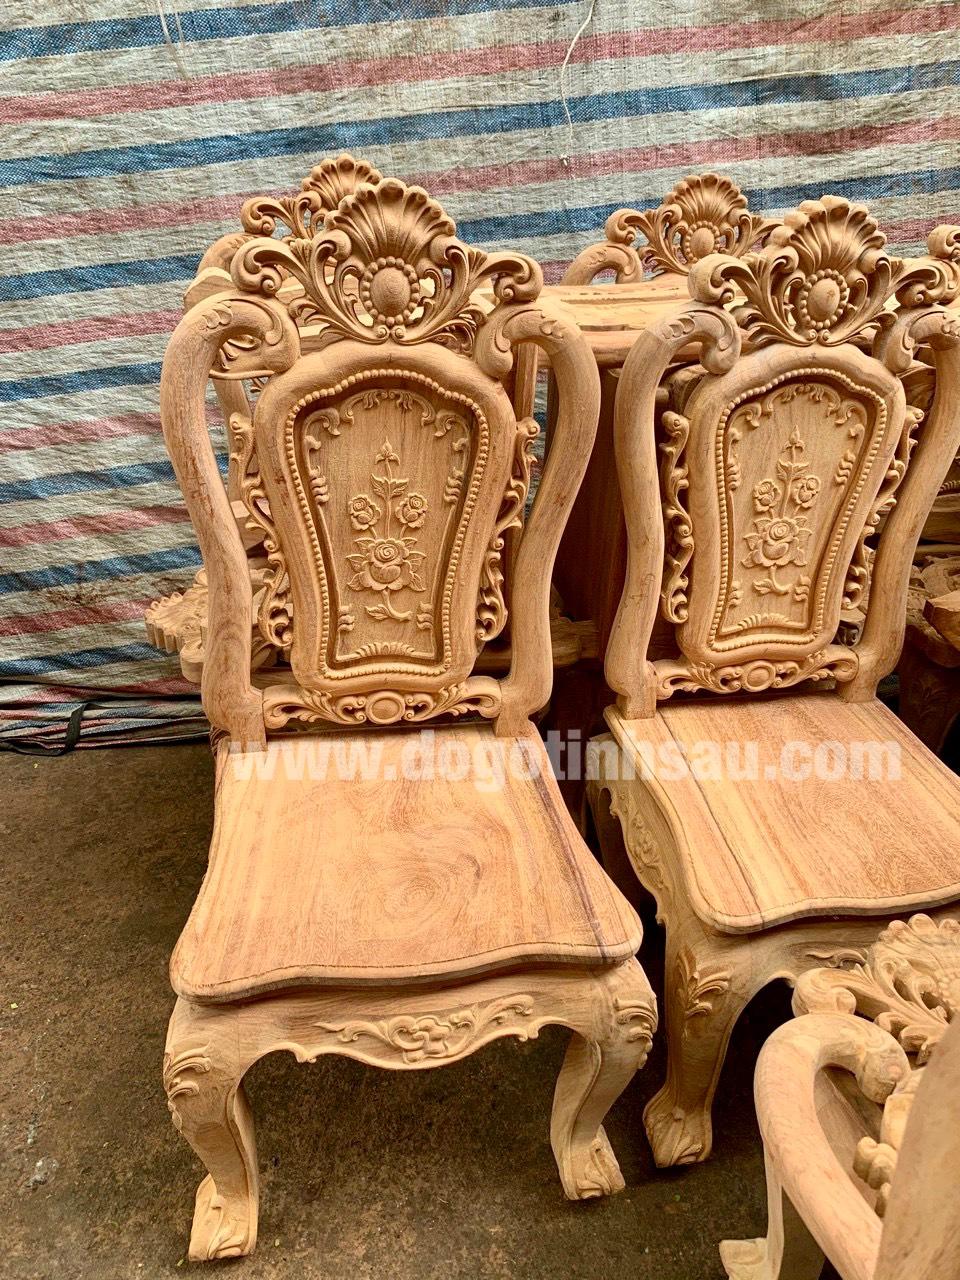 mau ghe an go go do 4 - 5 Lý do để mẫu bàn ghế ăn gỗ gõ đỏ ngày càng được ưa chuộng trên thị trường